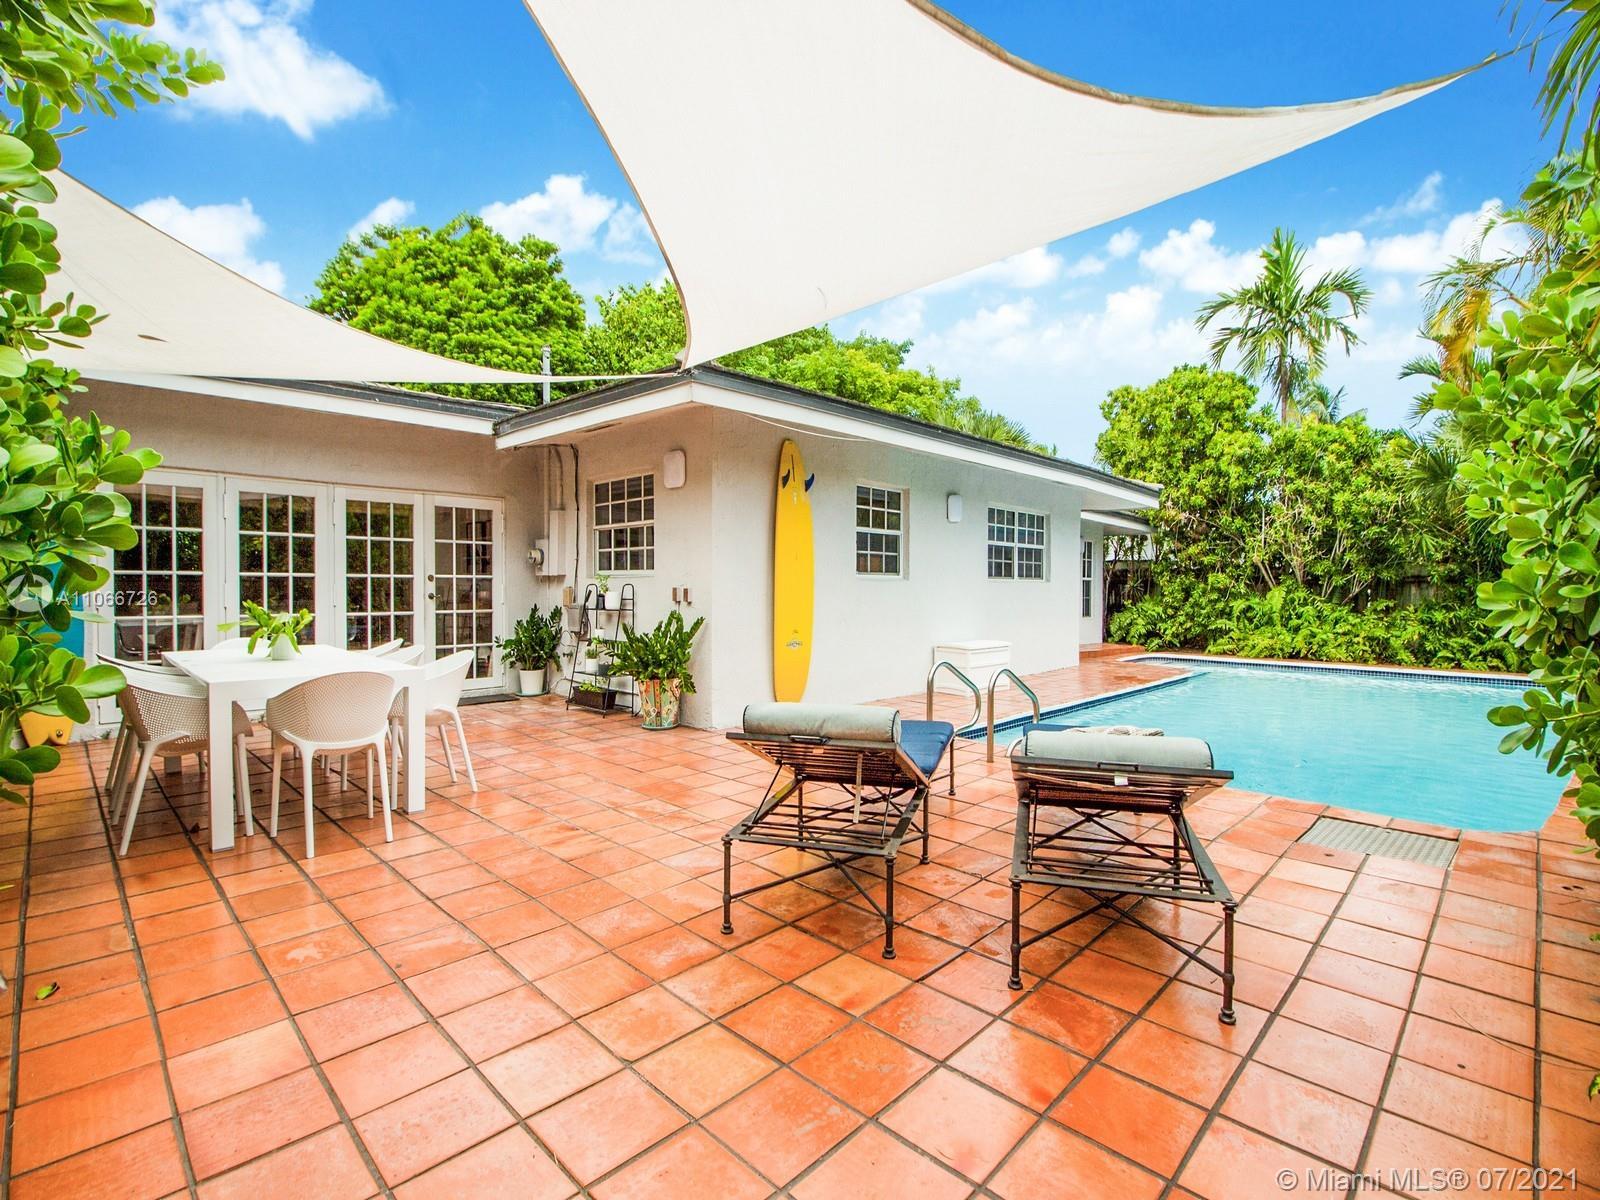 Tropical Isle Homes # - 21 - photo